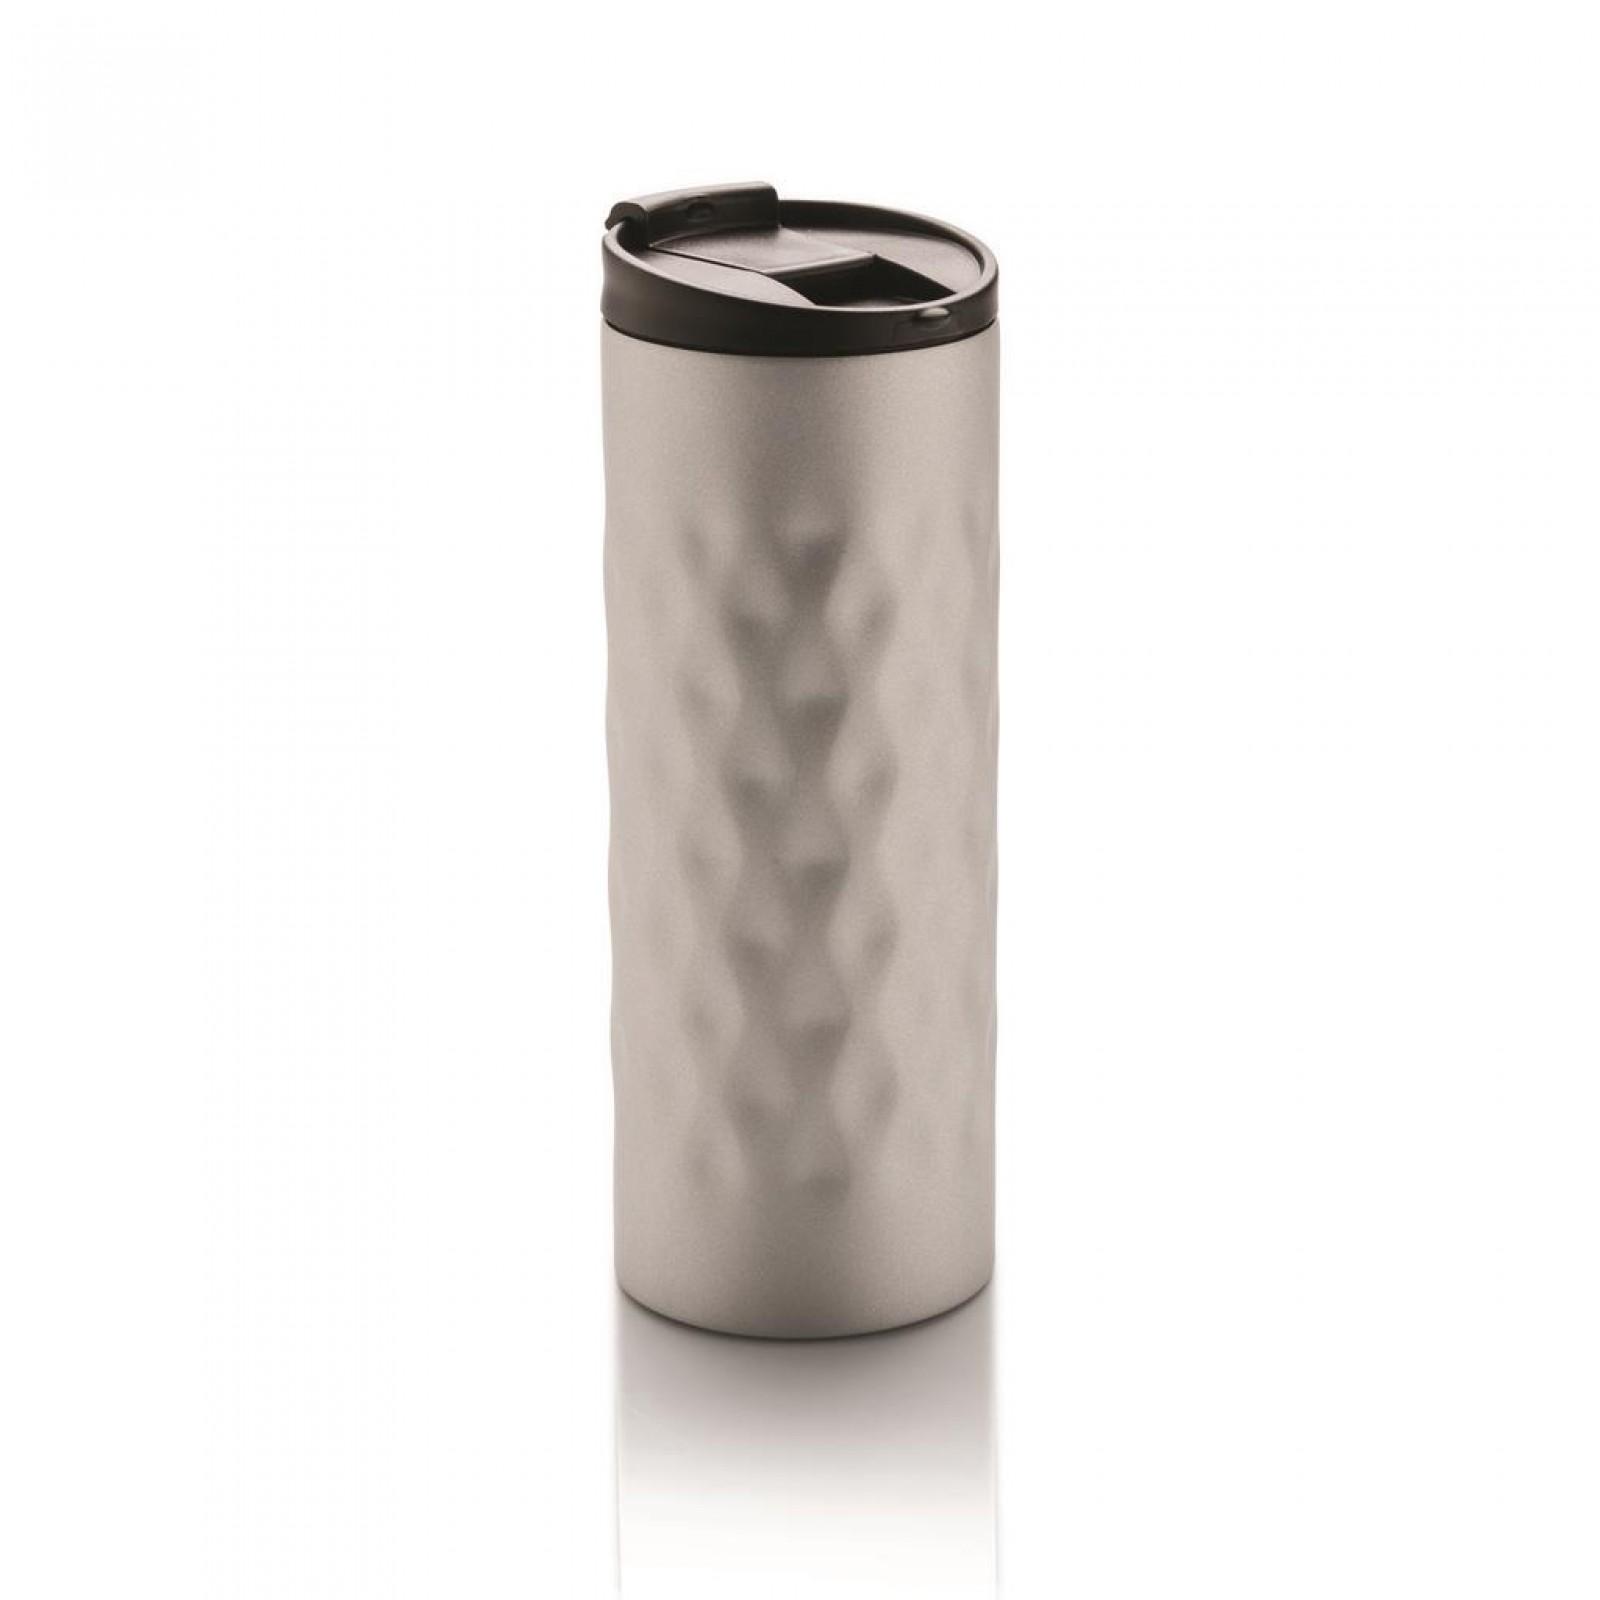 Ατσάλινο Θερμός Geometric (Ασημί) - XD Design